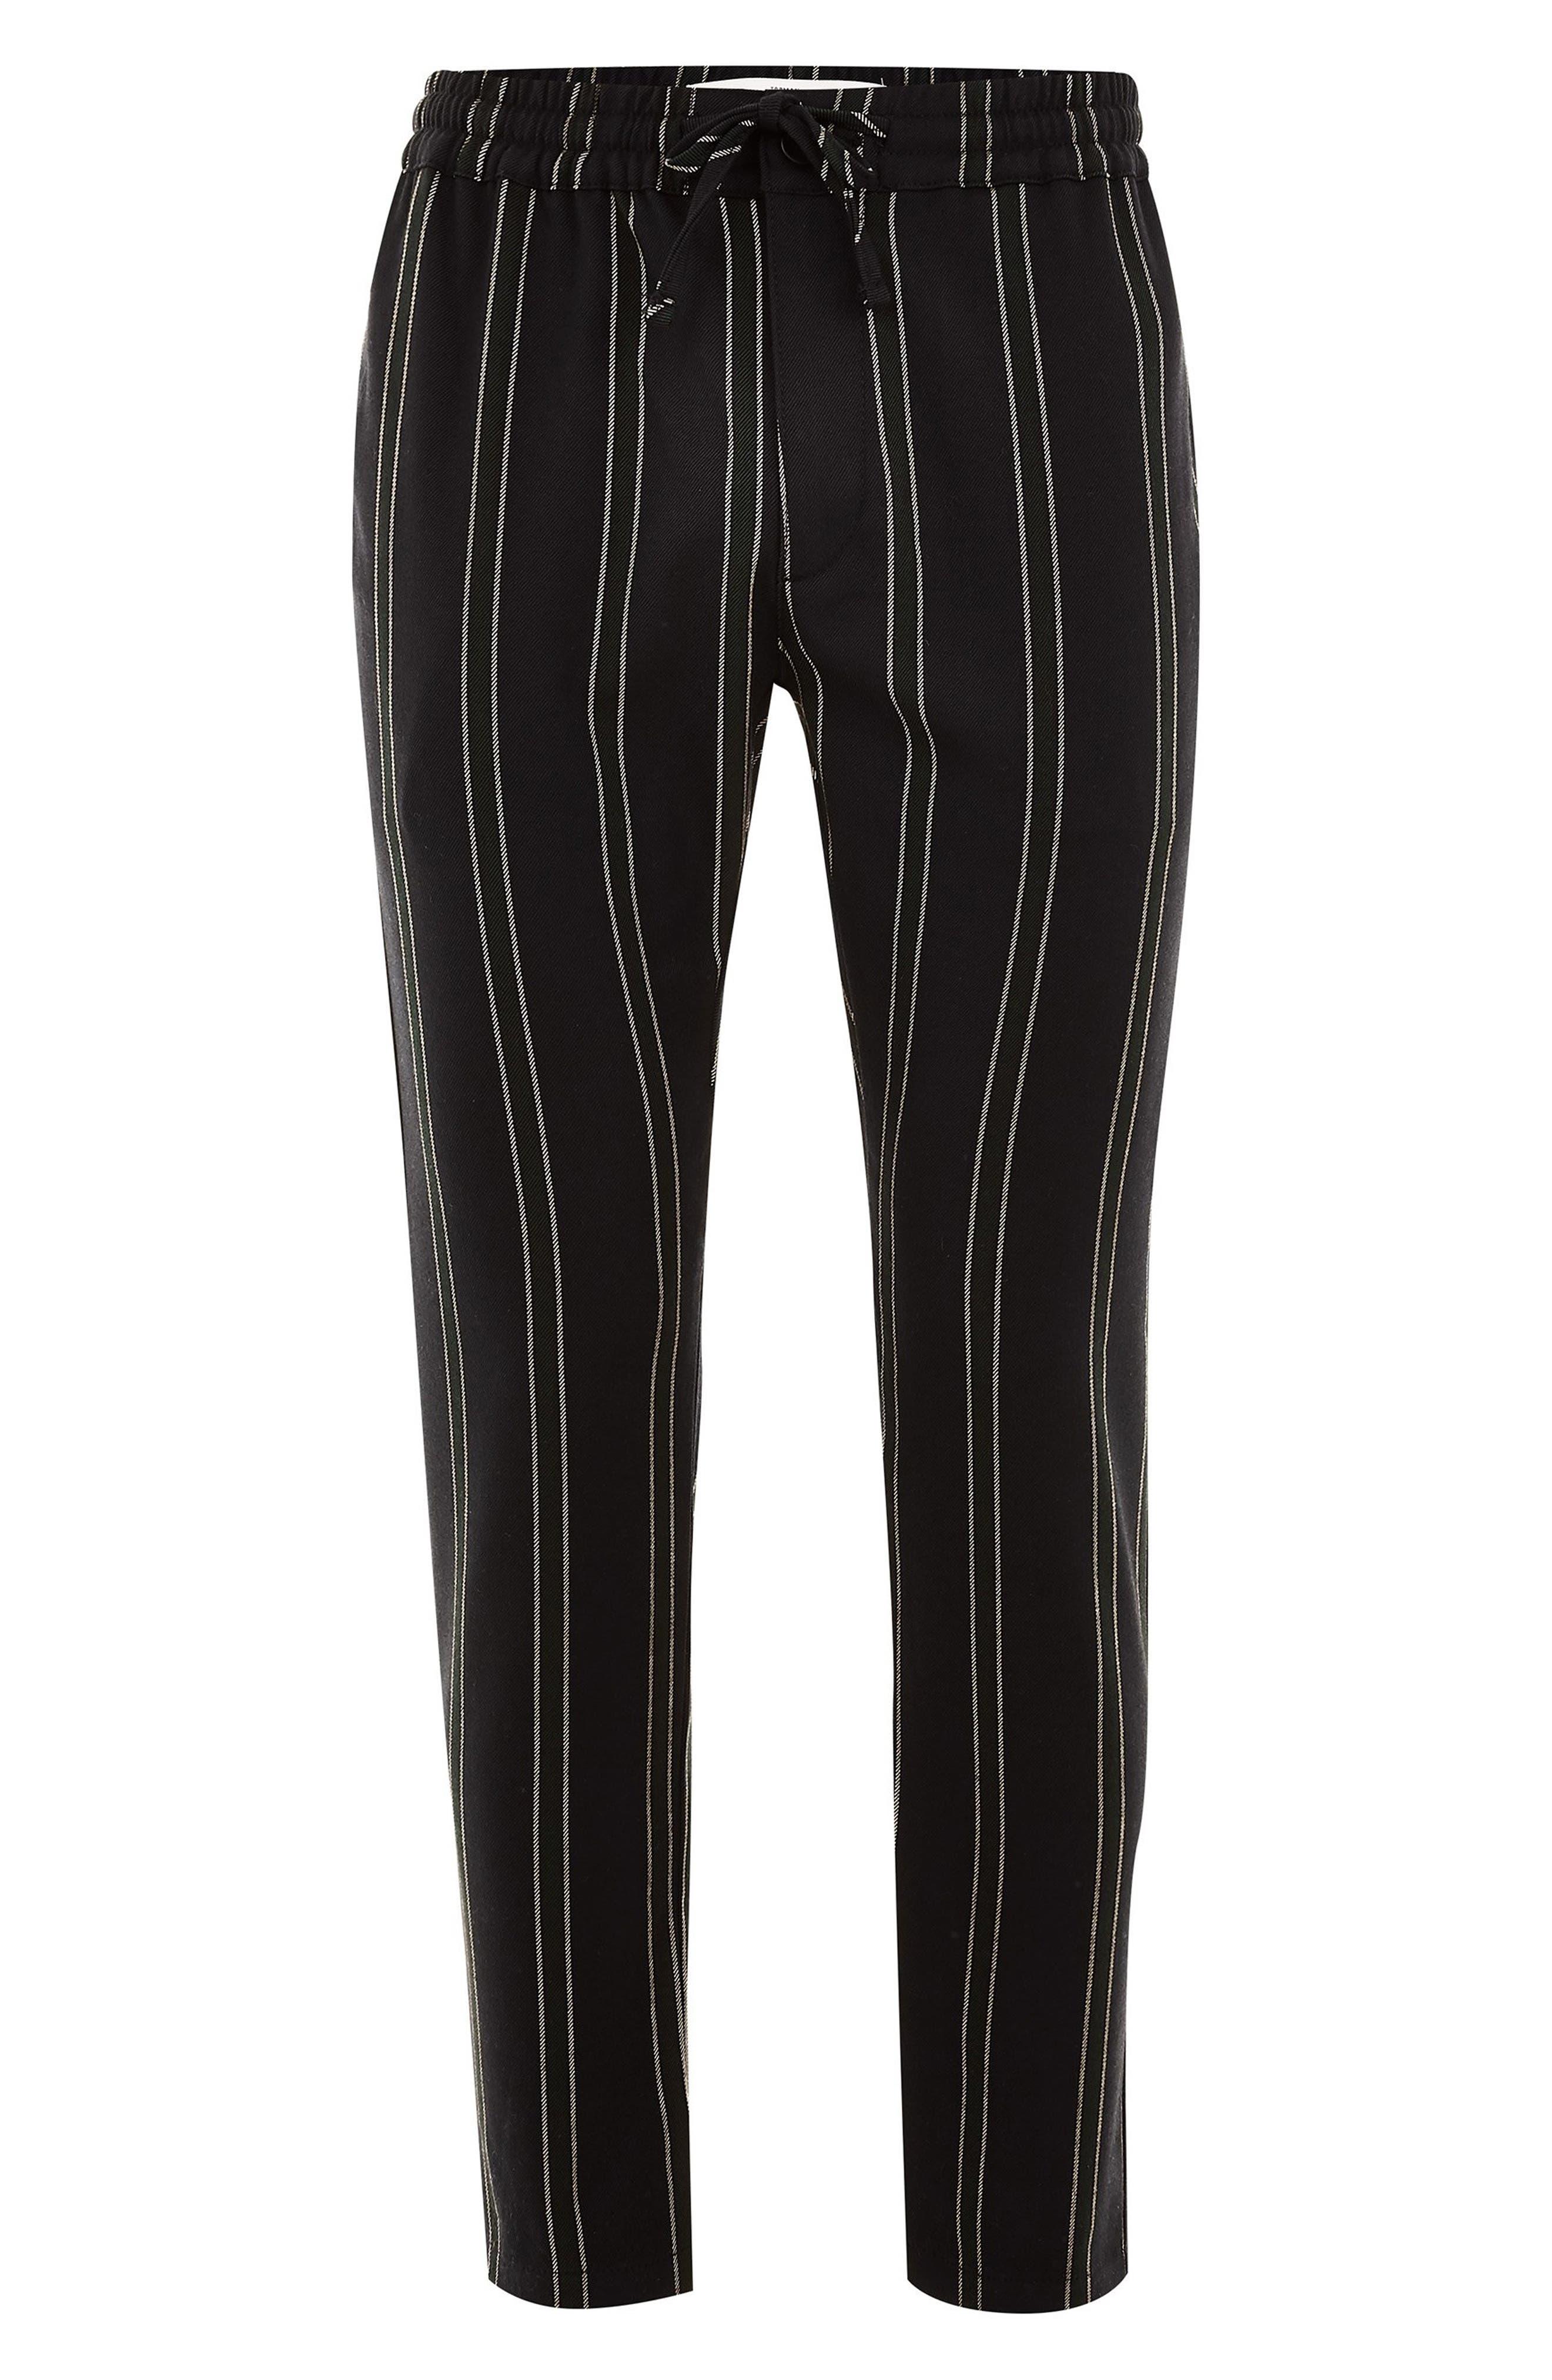 TOPMAN, Stripe Jogger Pants, Alternate thumbnail 4, color, NAVY MULTI